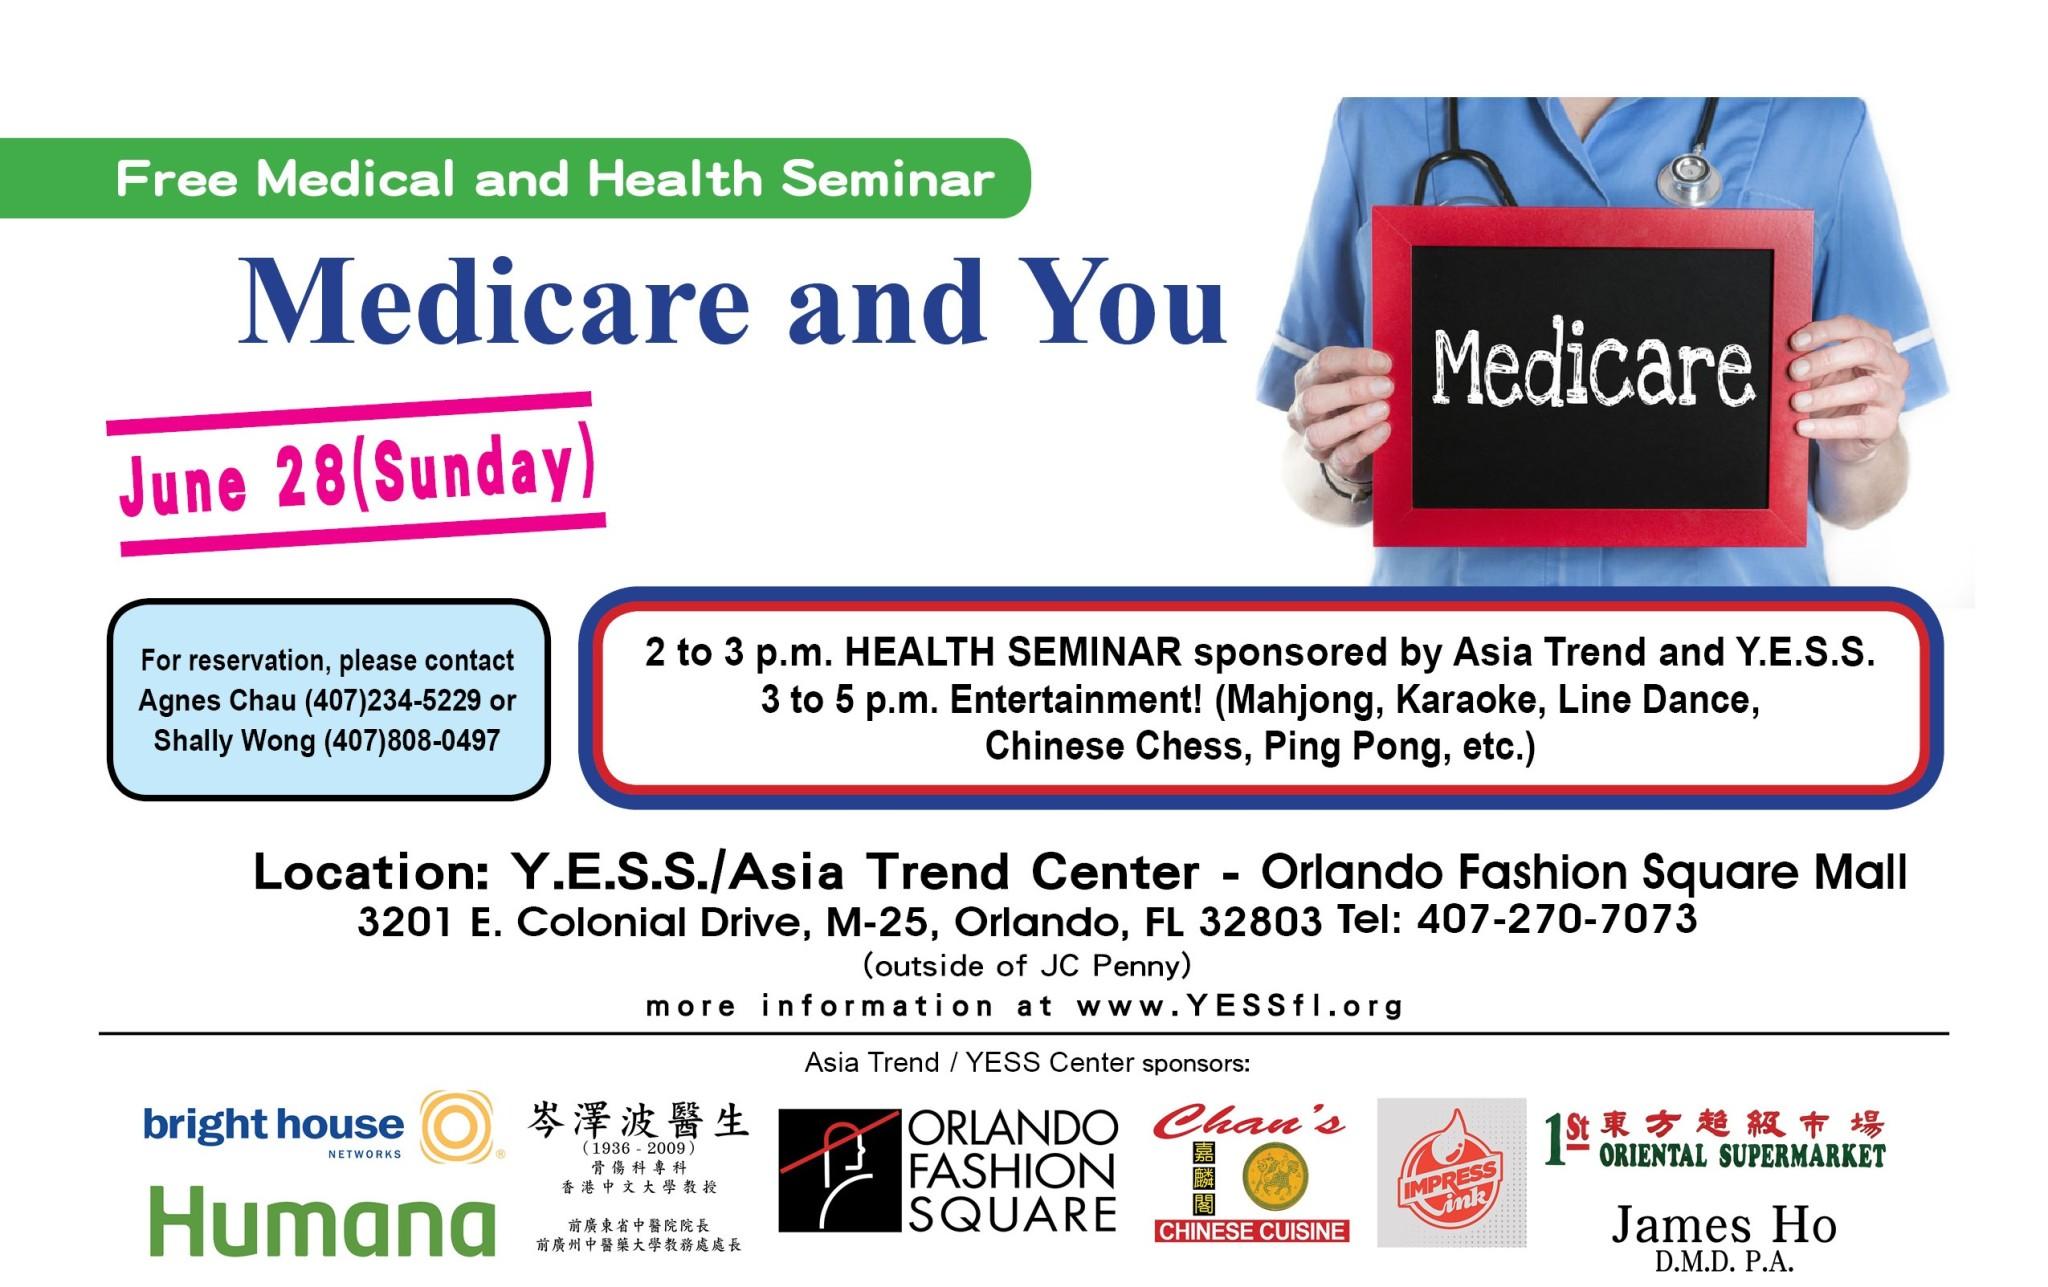 Free Medical and Health Seminar